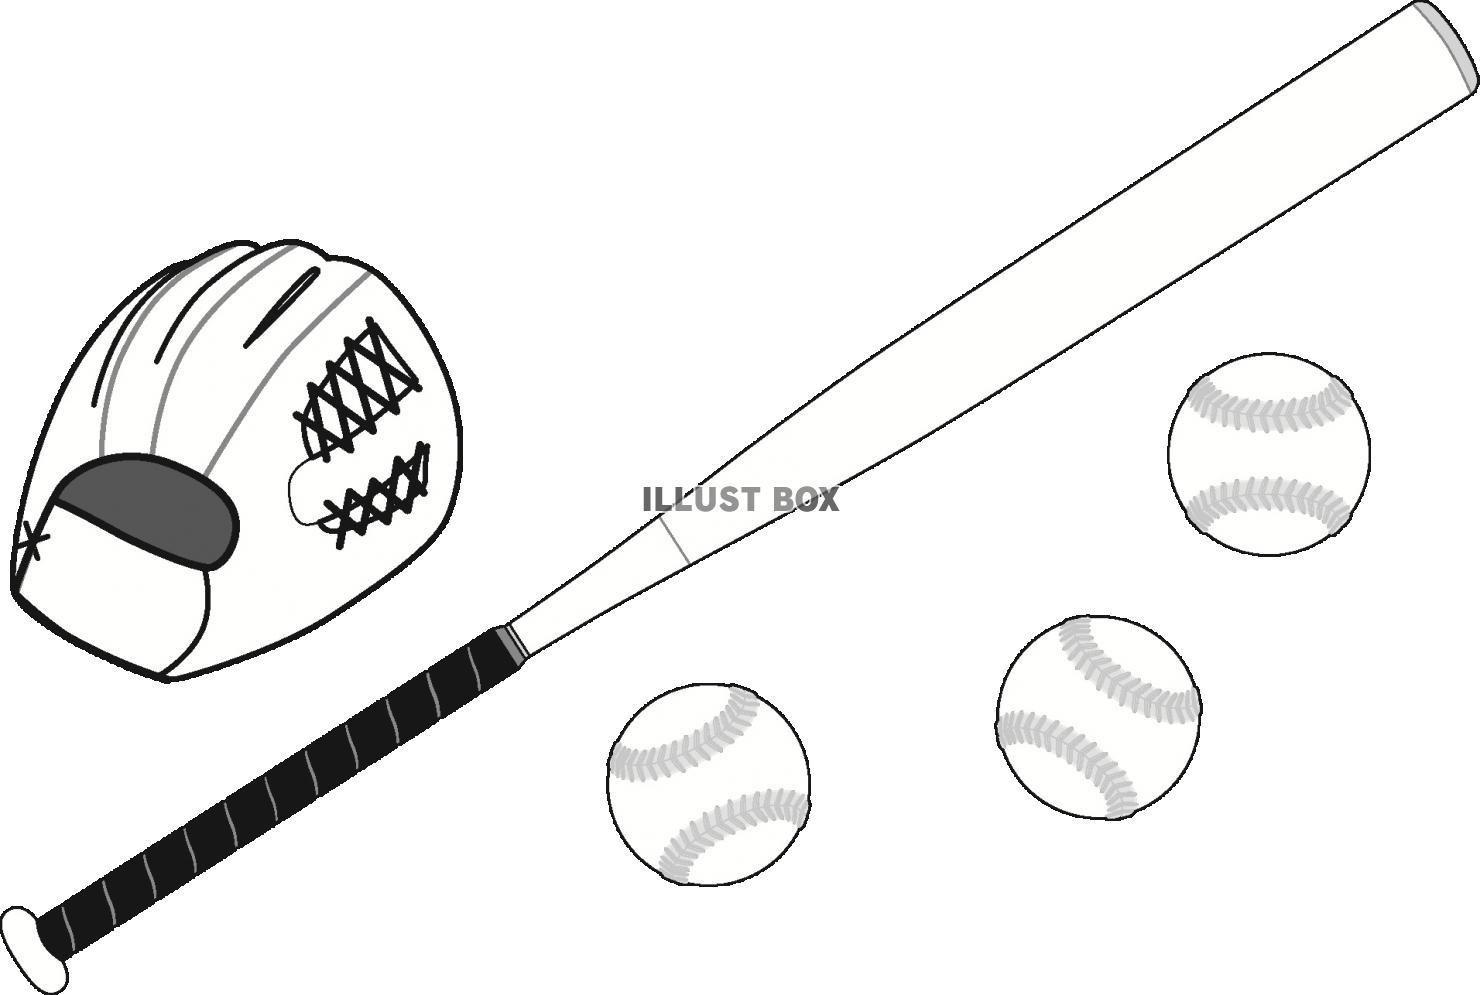 ソフトボール 無料イラスト素材素材ラボ